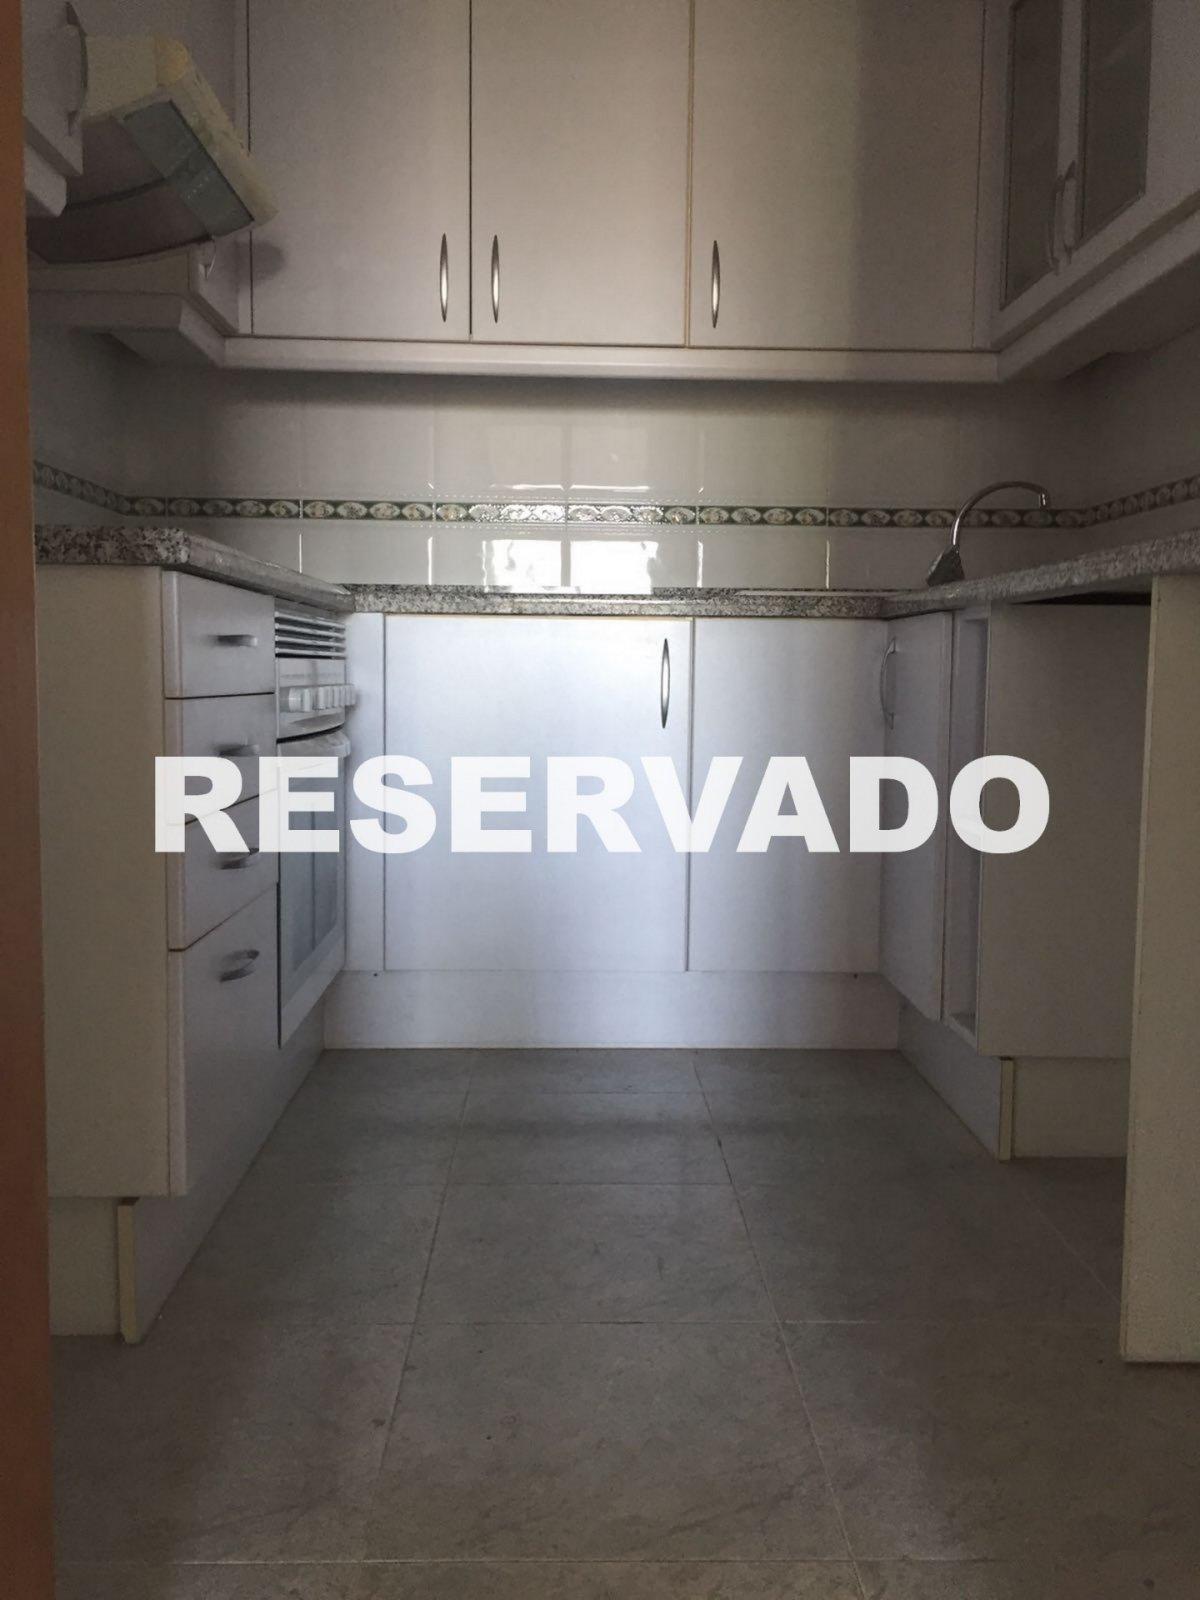 Venta piso en Paterna, ubicada en Casas Verdes con garaje 4